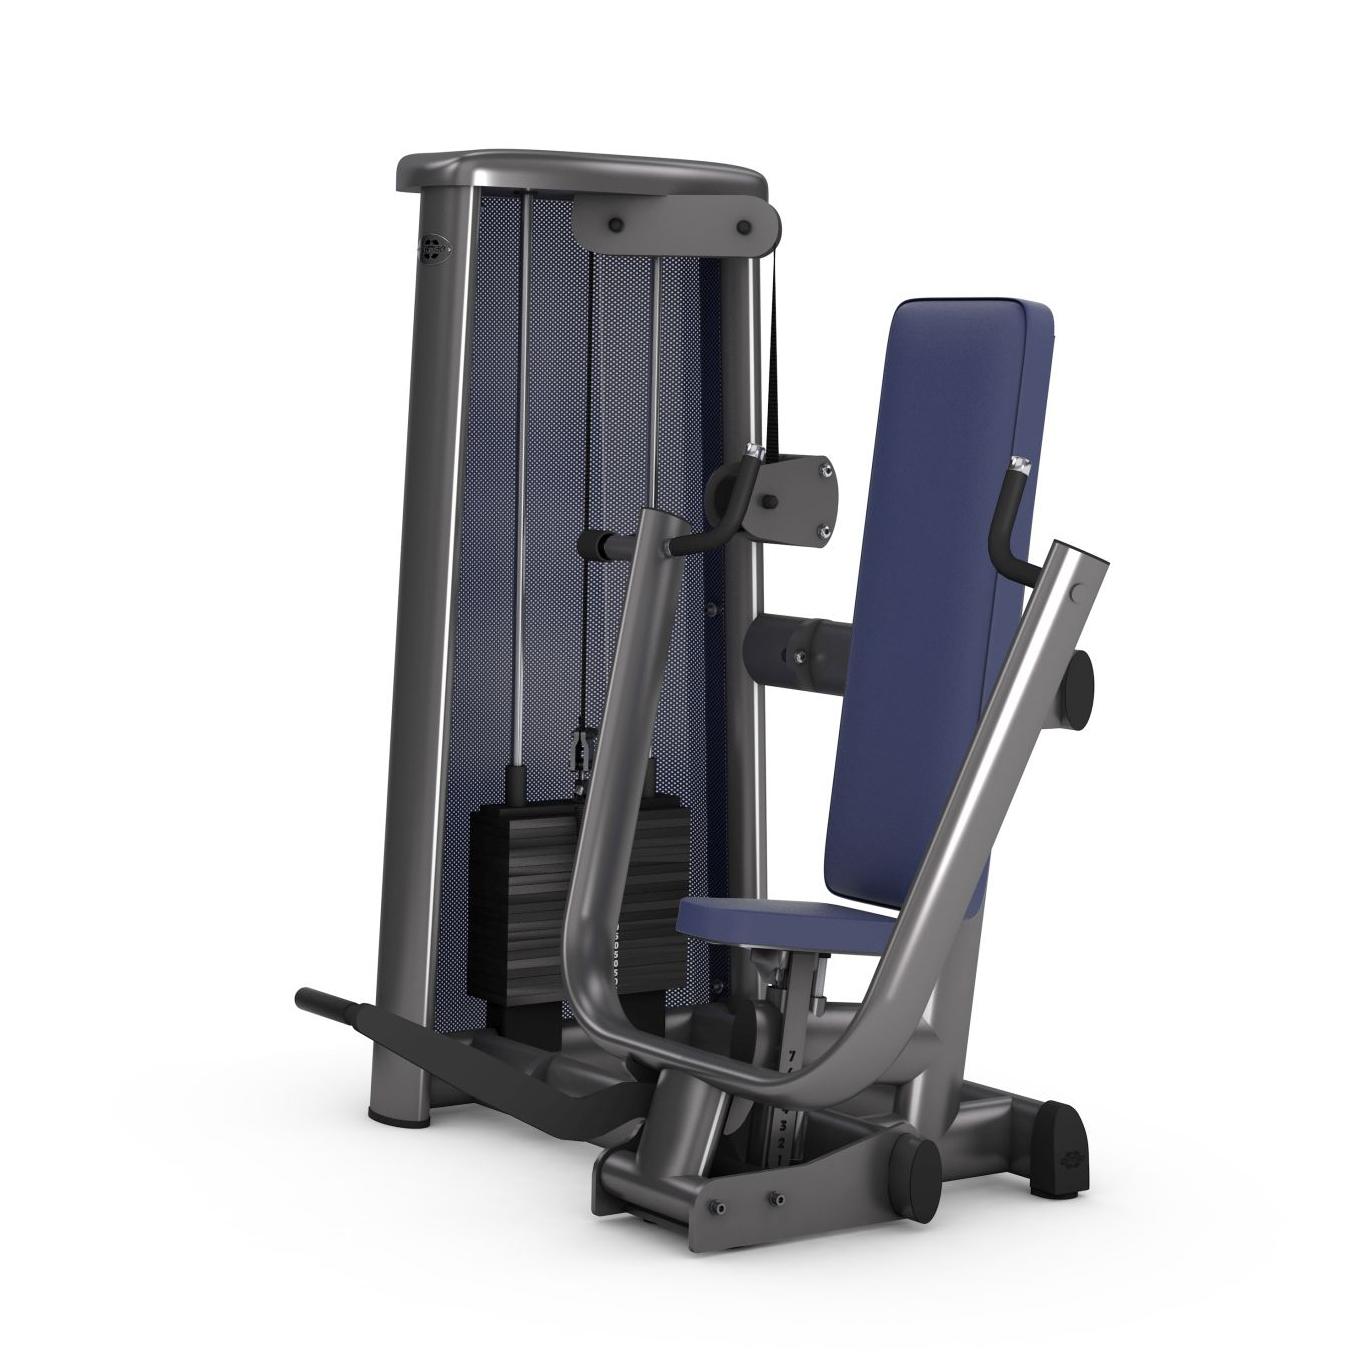 standard-gym80_3016_bankdrueckmaschine_overview-big0001